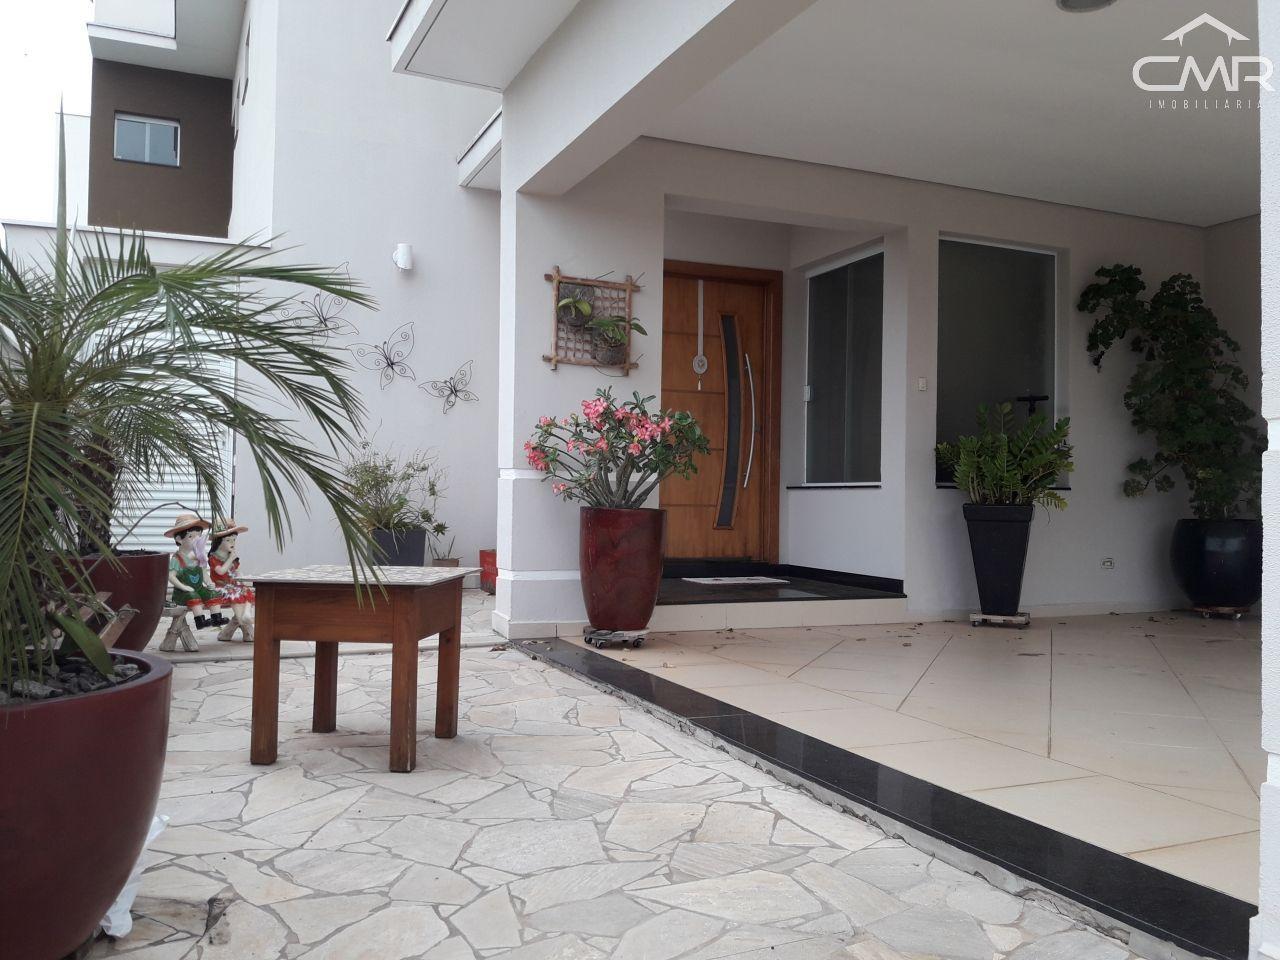 Casa em condomínio à venda  no Jardim Noiva da Colina - Piracicaba, SP. Imóveis